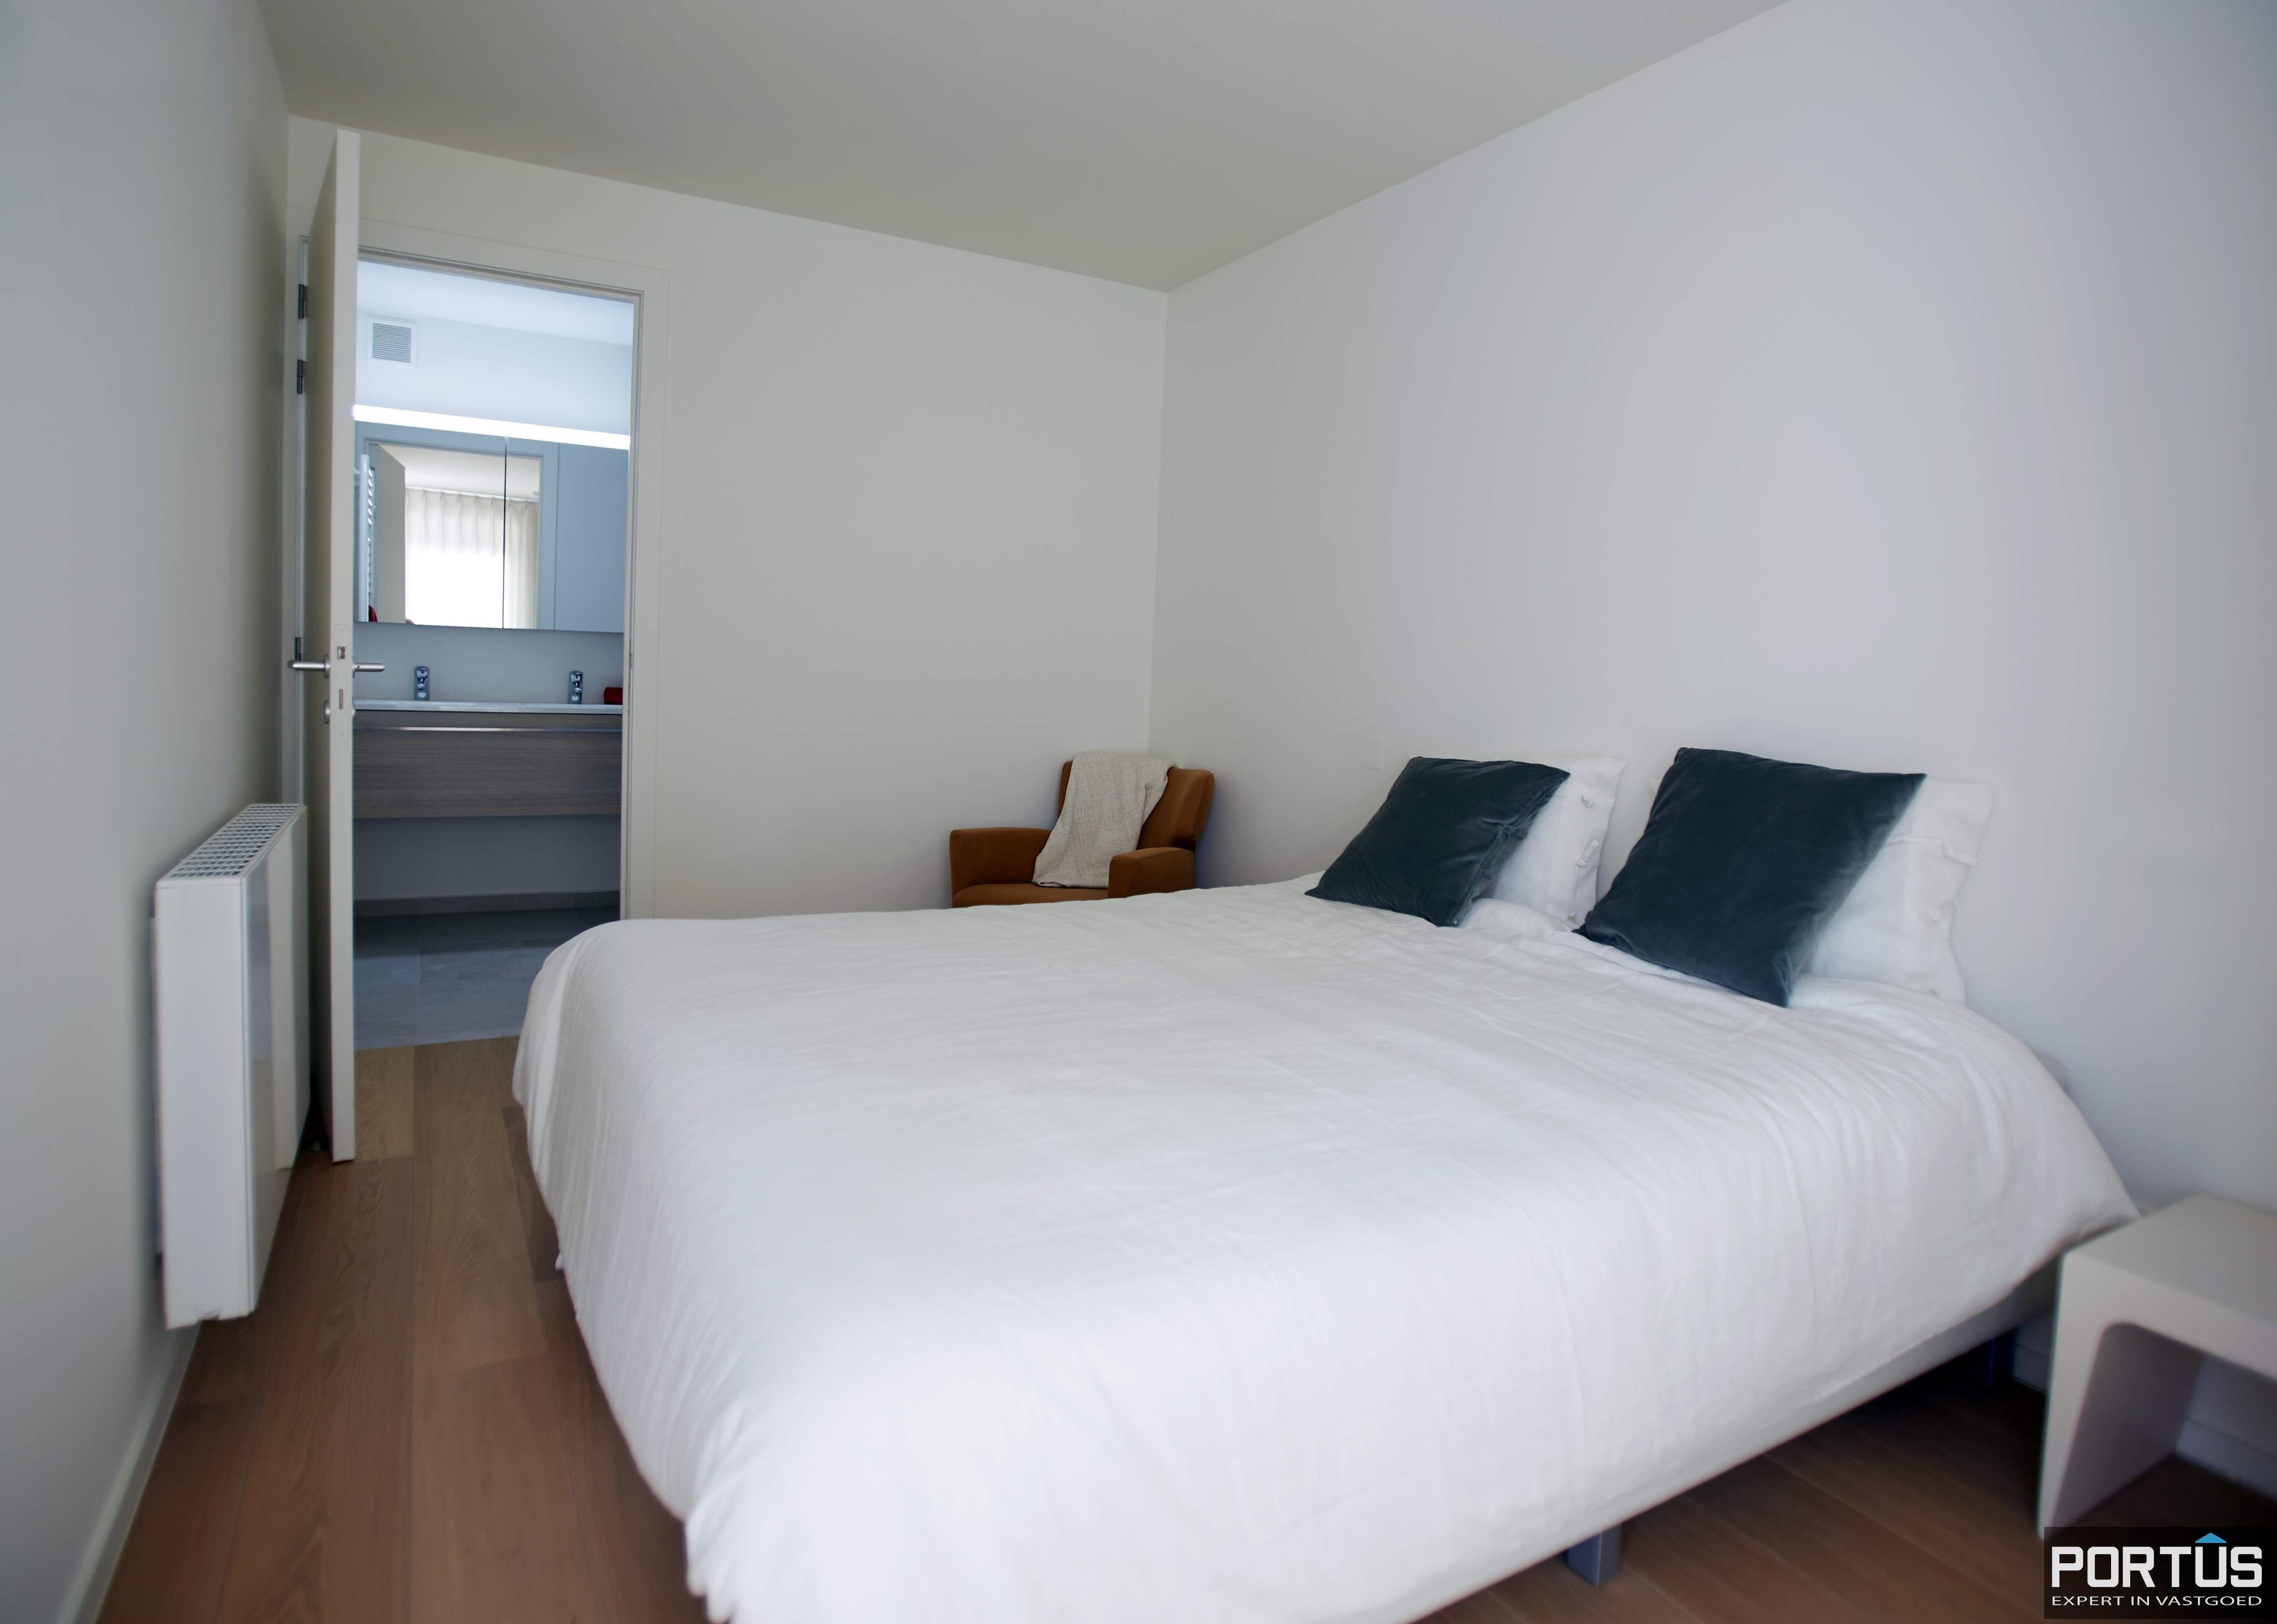 Zongericht appartement te koop Nieuwpoort - 7180